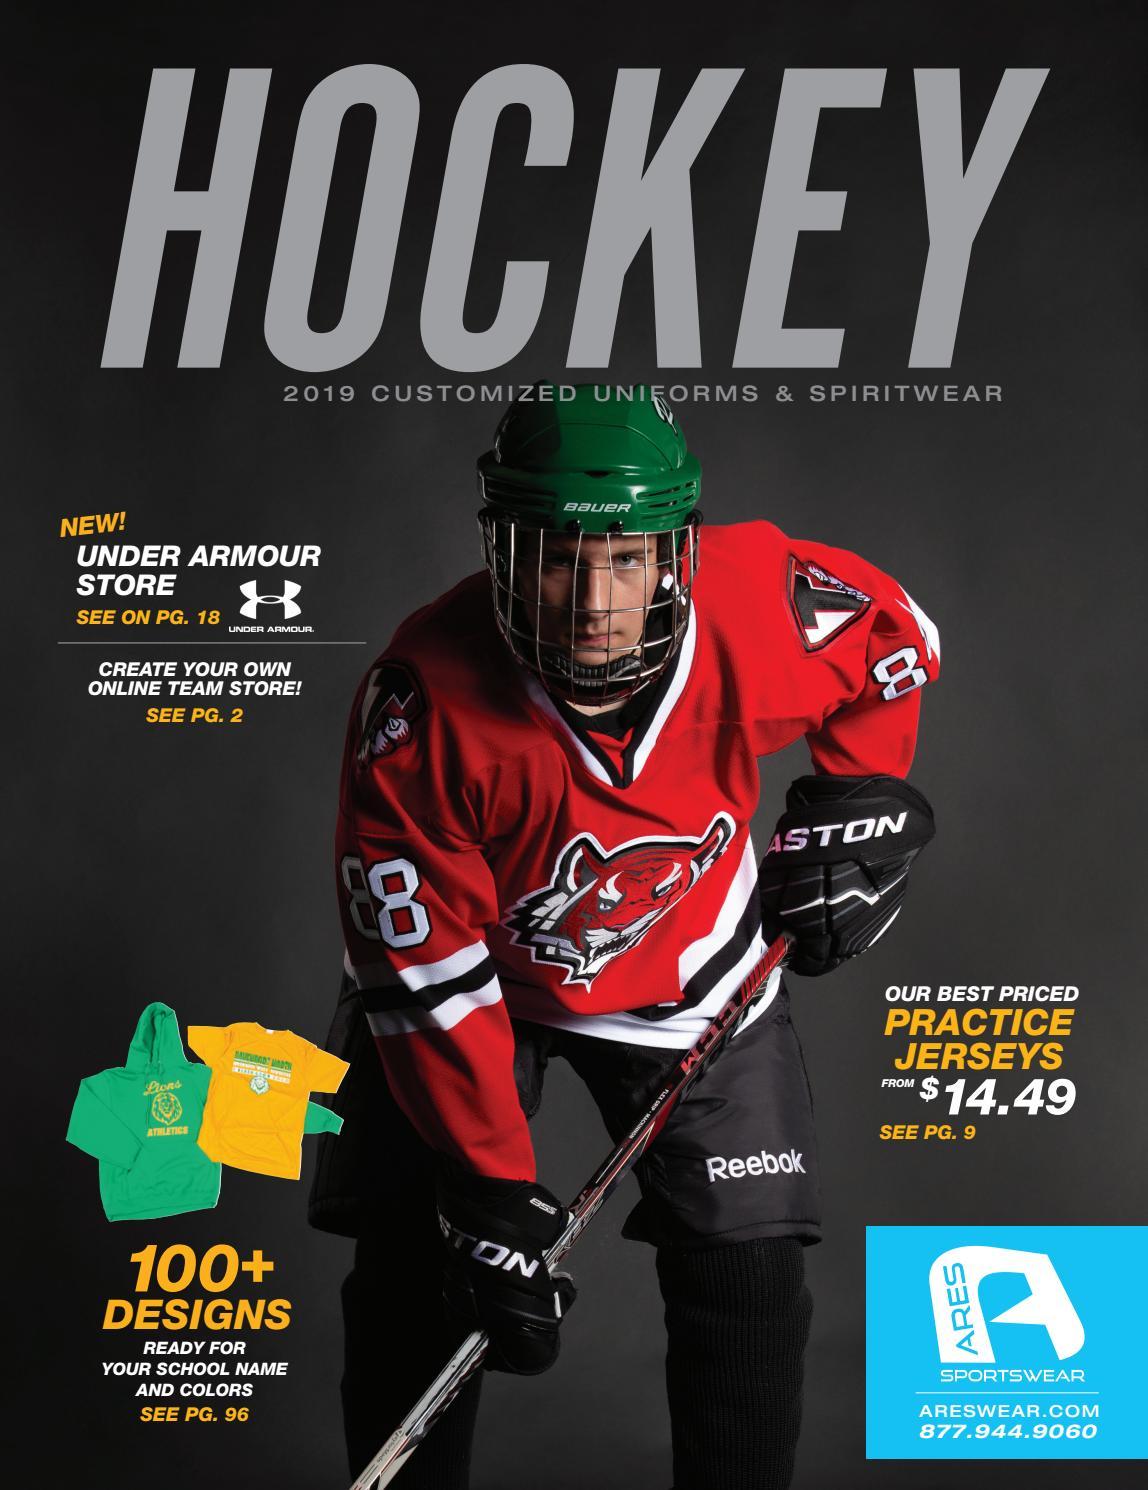 b6a5c67119a 2019 Ares Sportswear Hockey Catalog by Ares Sportswear - issuu